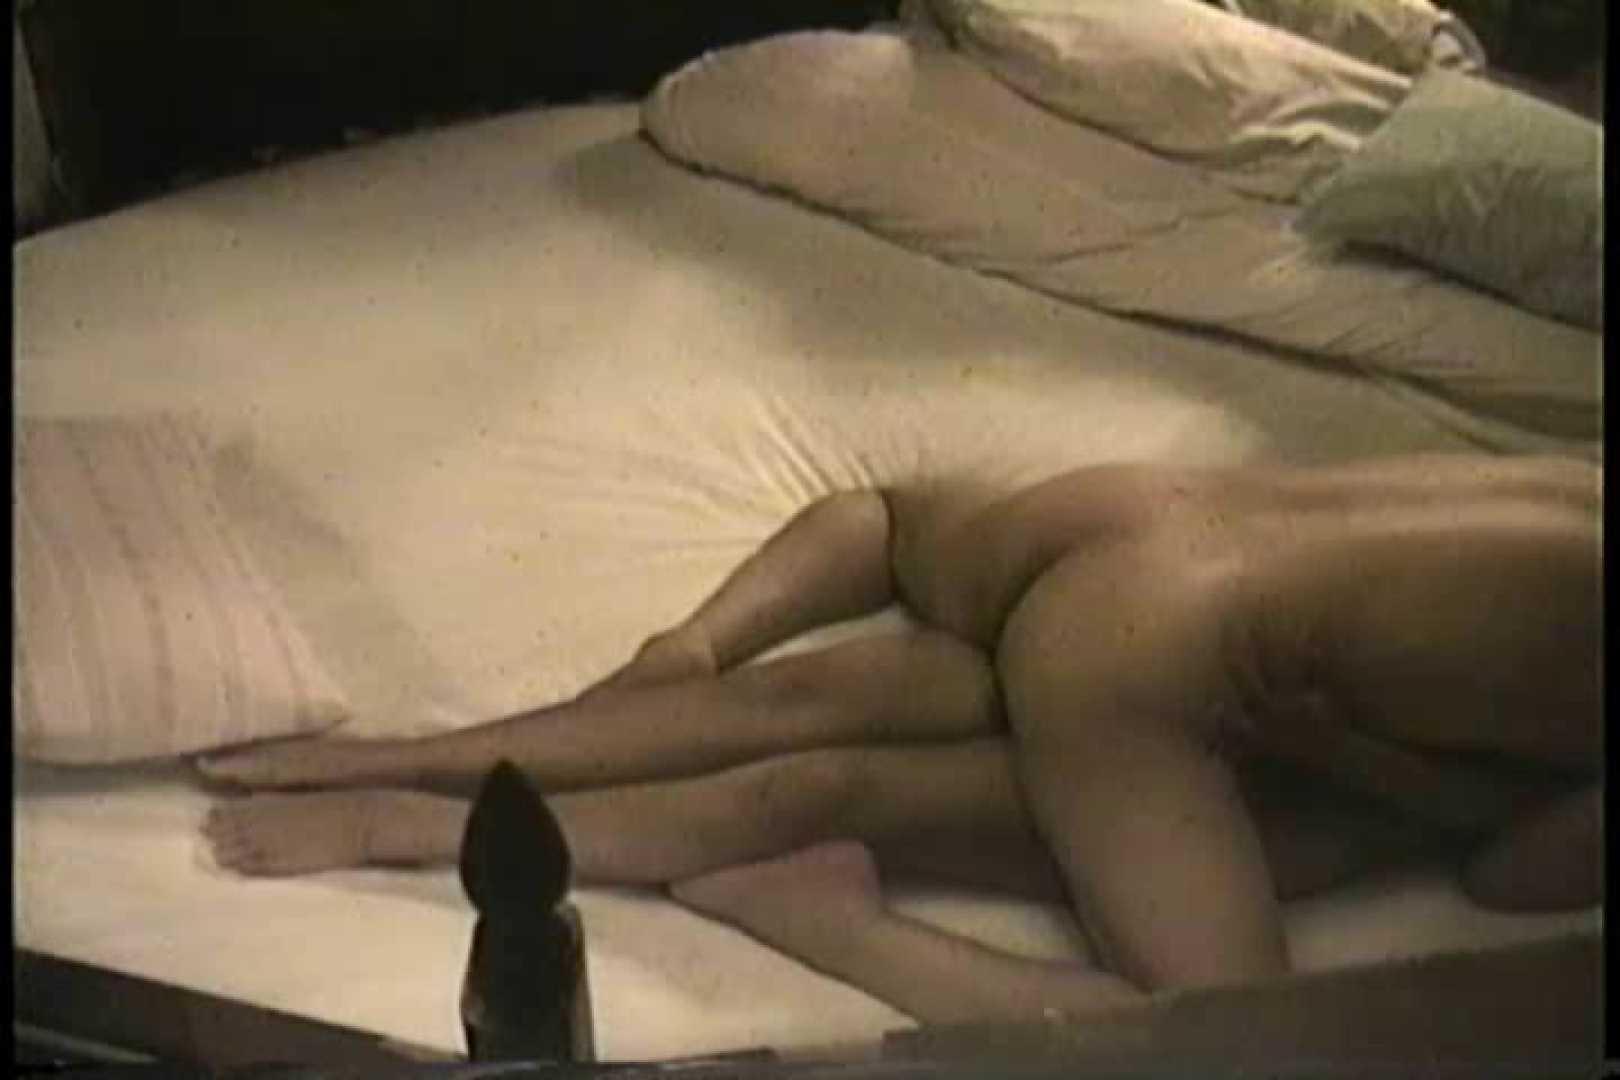 実録!ラブホテル~消し忘れ注意!昭和の色編~ vol.11 ホテル  69画像 40